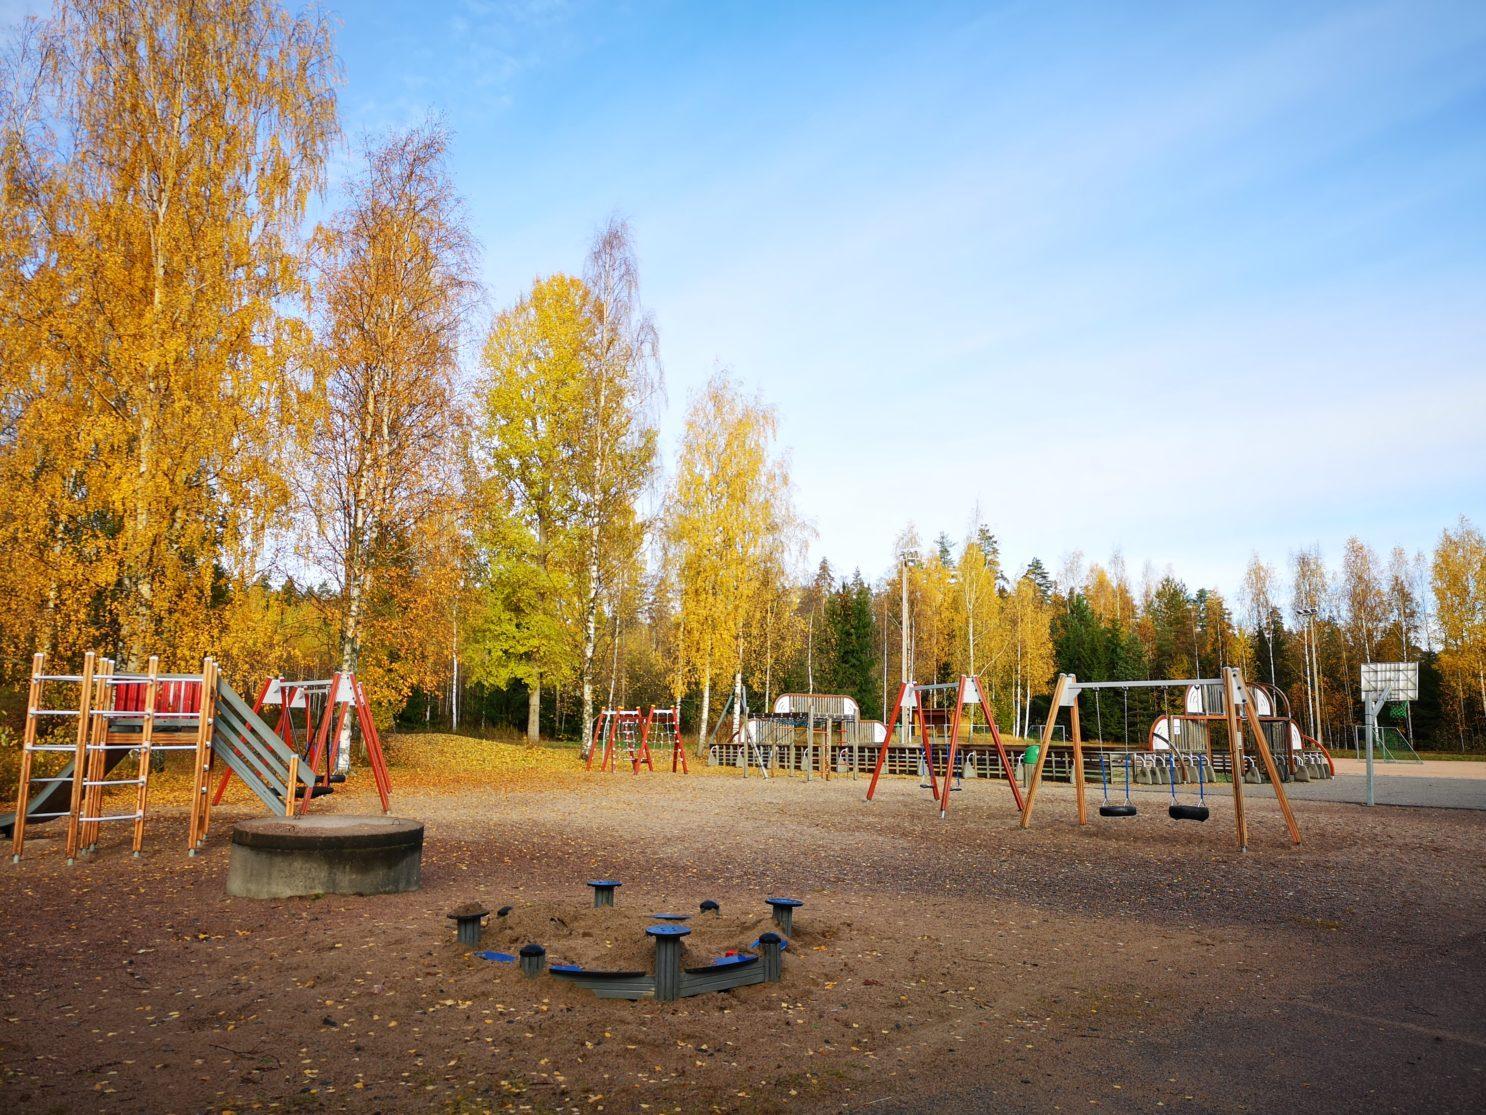 Palojoen koulun lähiliikuntapaikka